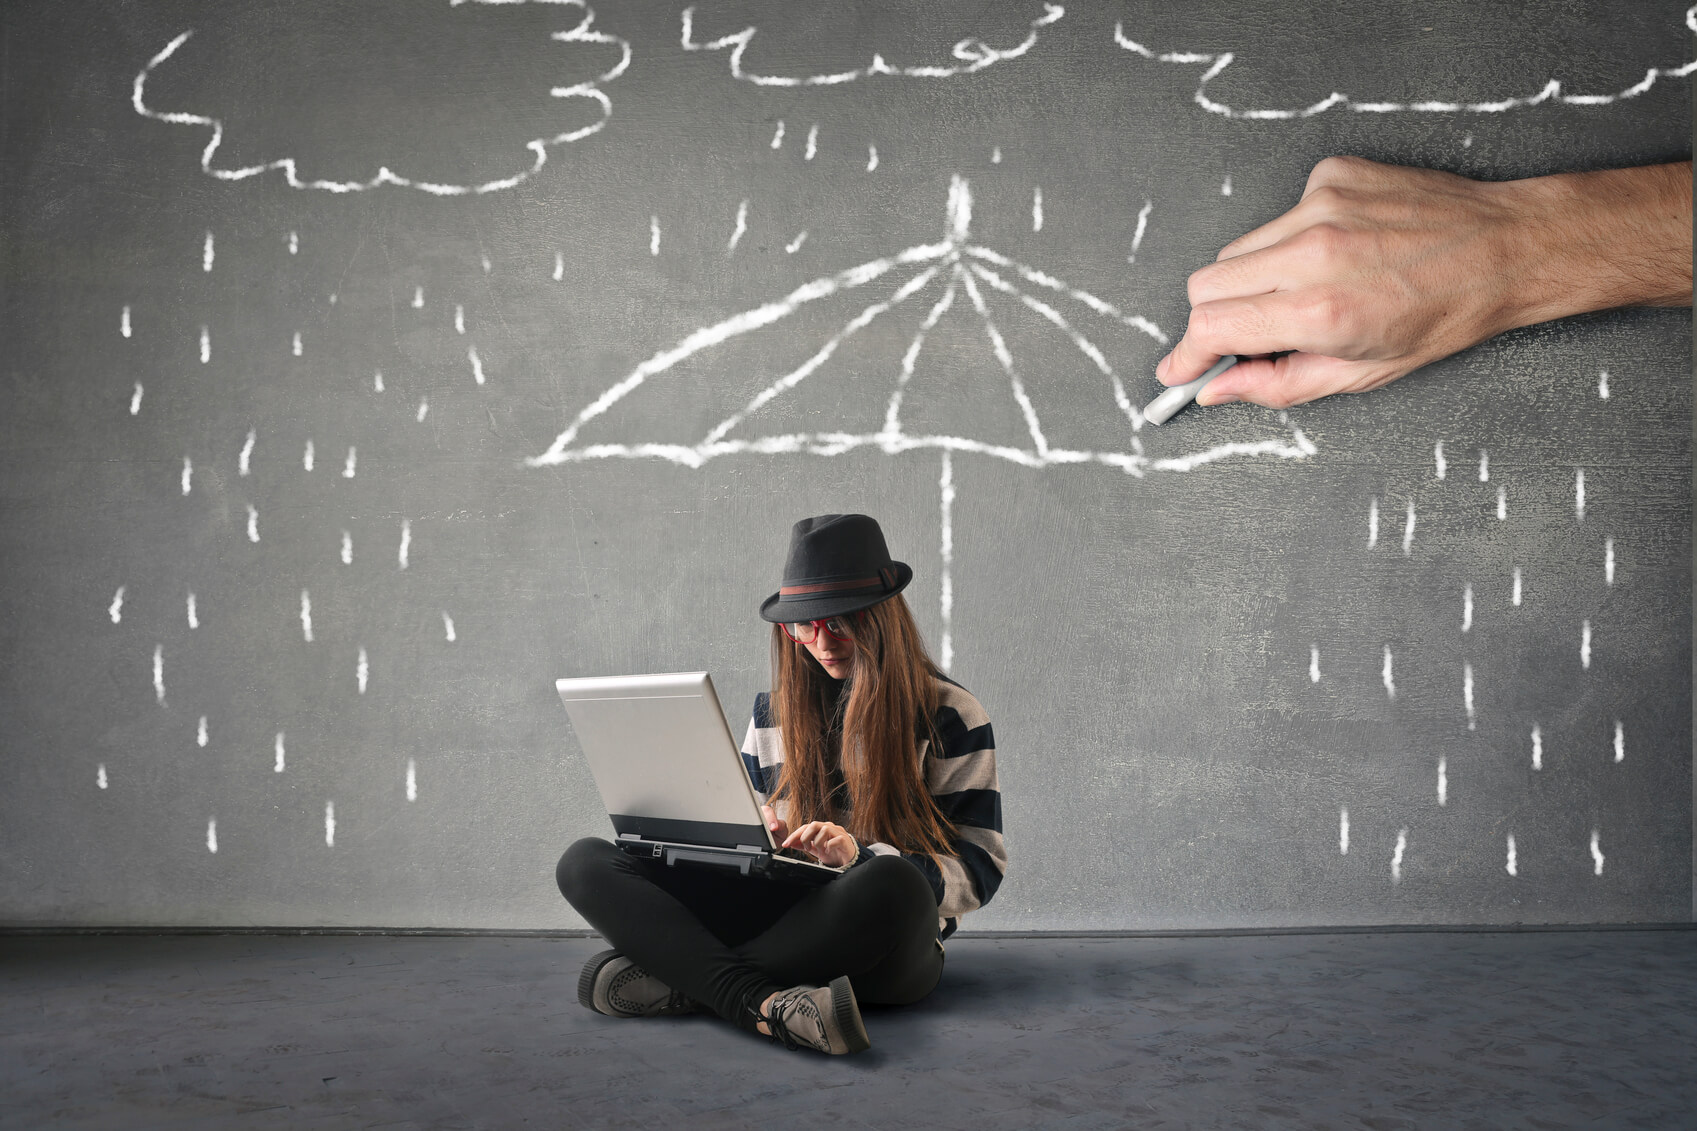 assurance, prestations sociales, entrepreneur, risque, mutuelle